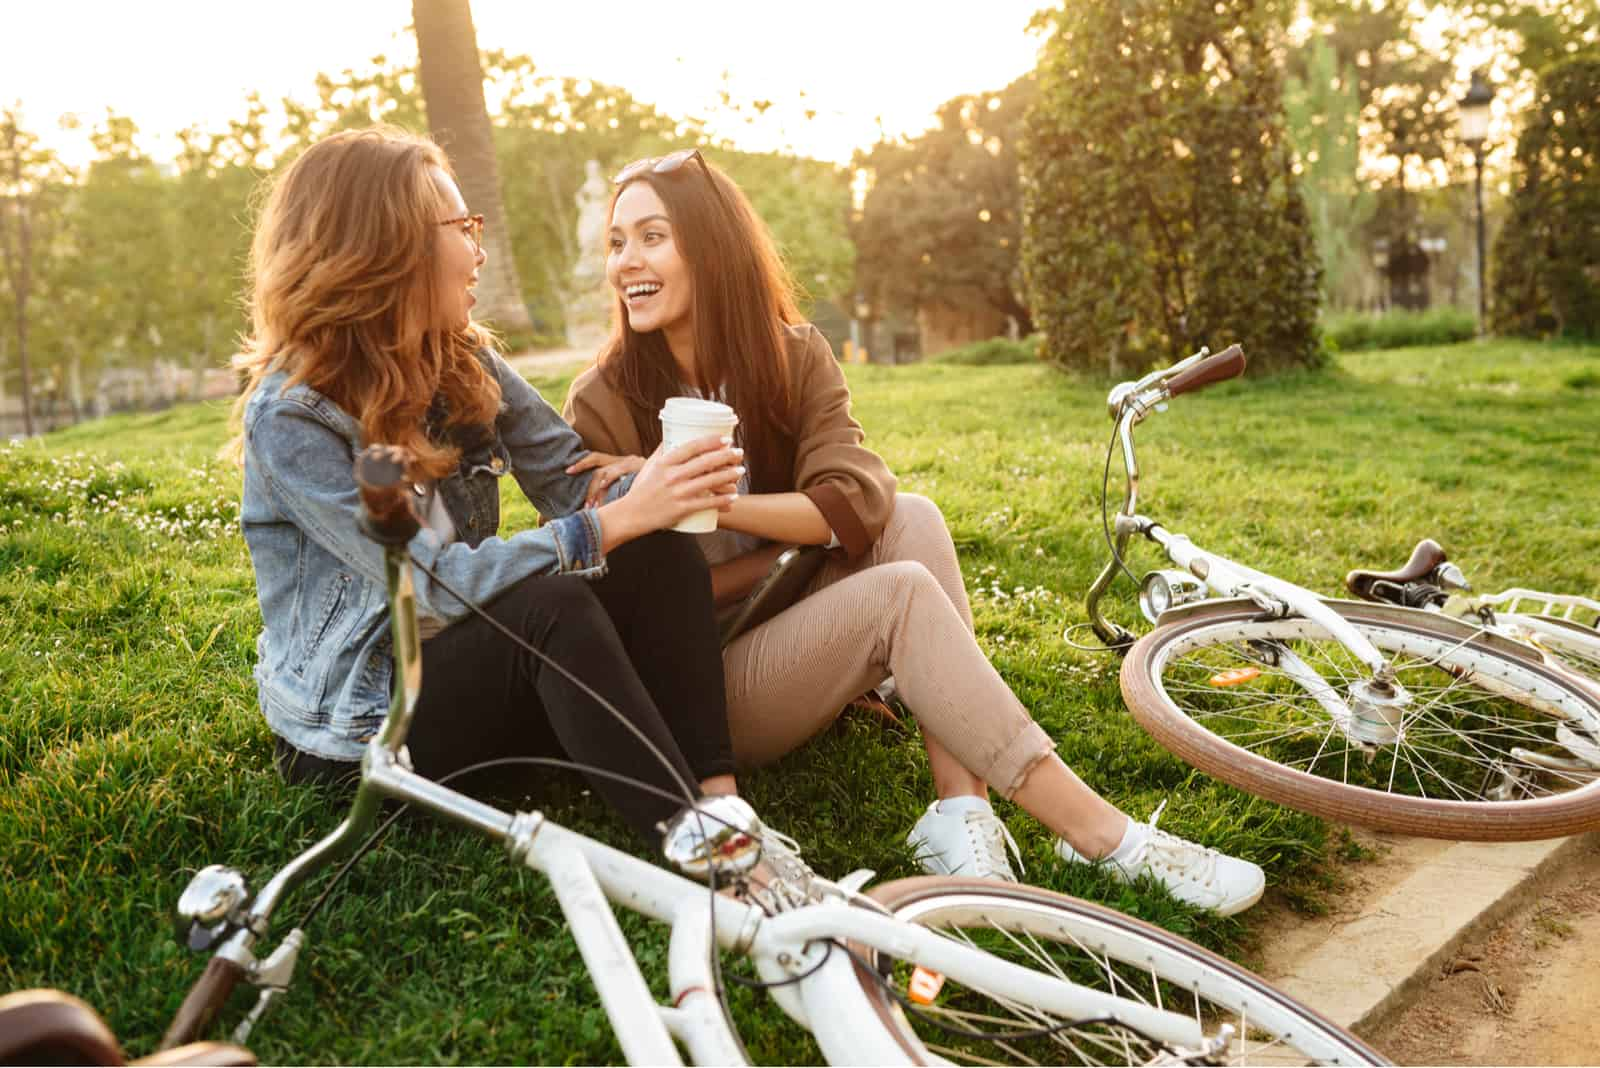 deux amis sont assis sur l'herbe dans le parc et parlent